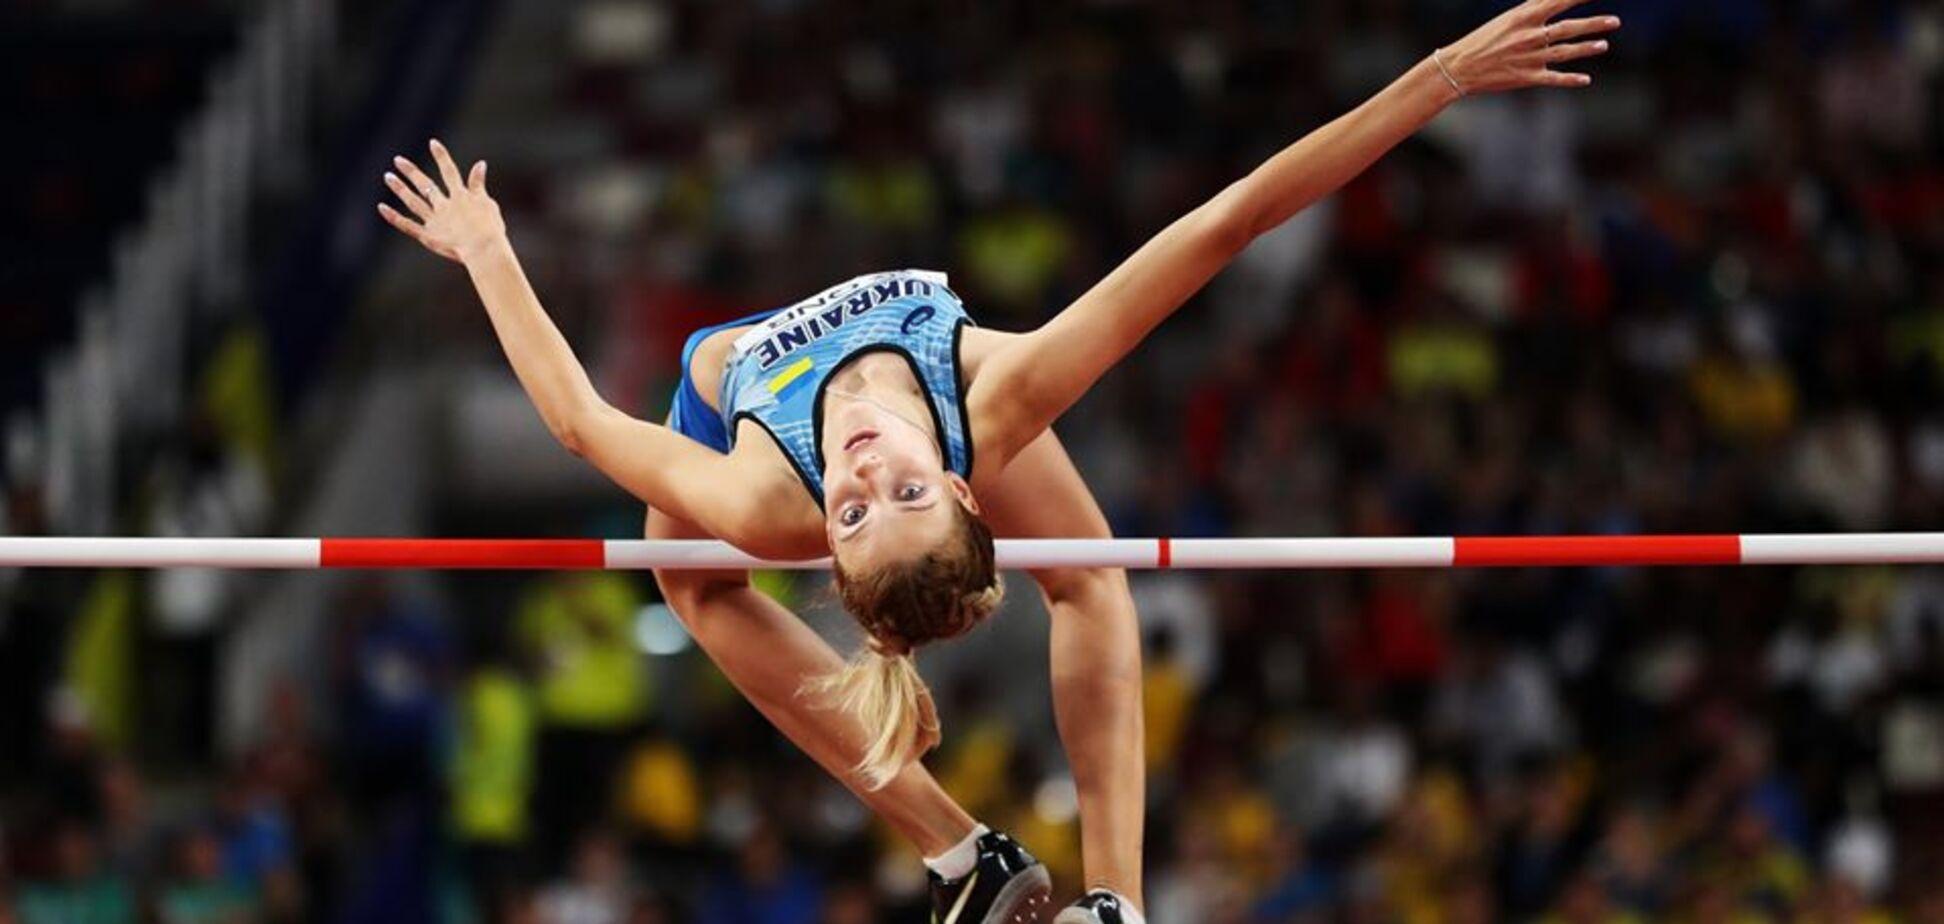 Полный триумф: украинские легкоатлетки устроили феерию на престижном турнире